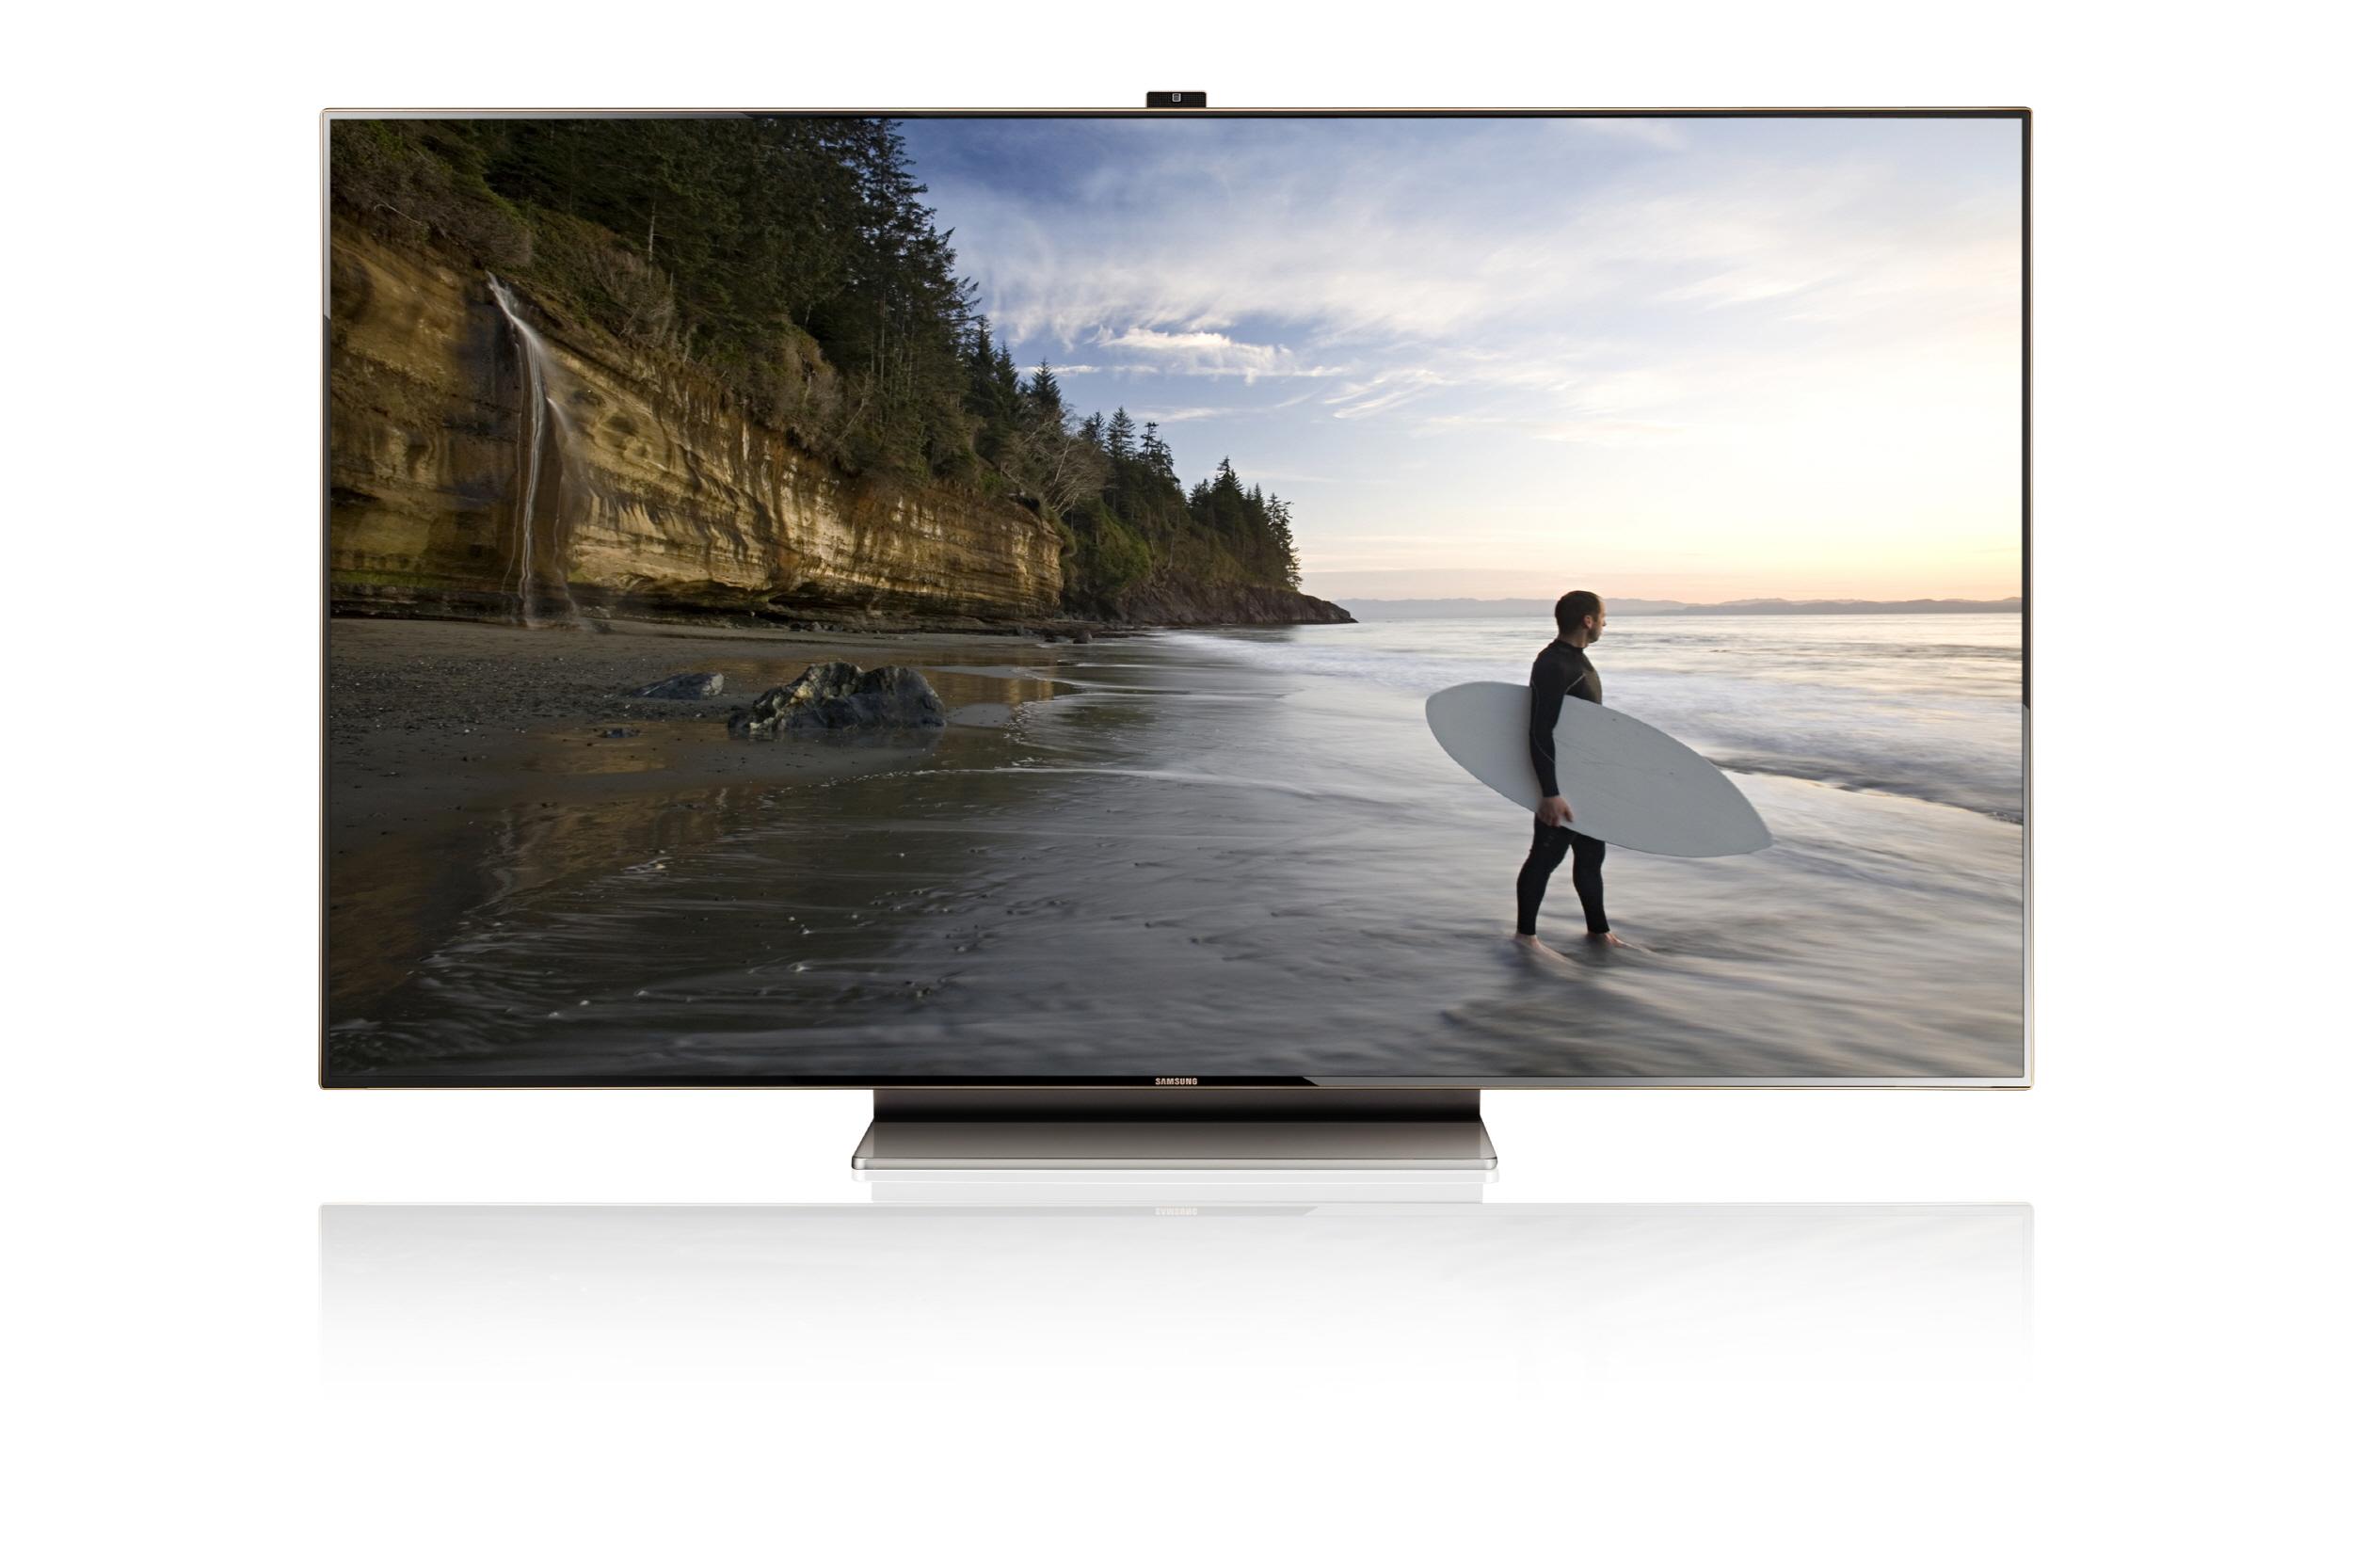 삼성스마트TV ES9000